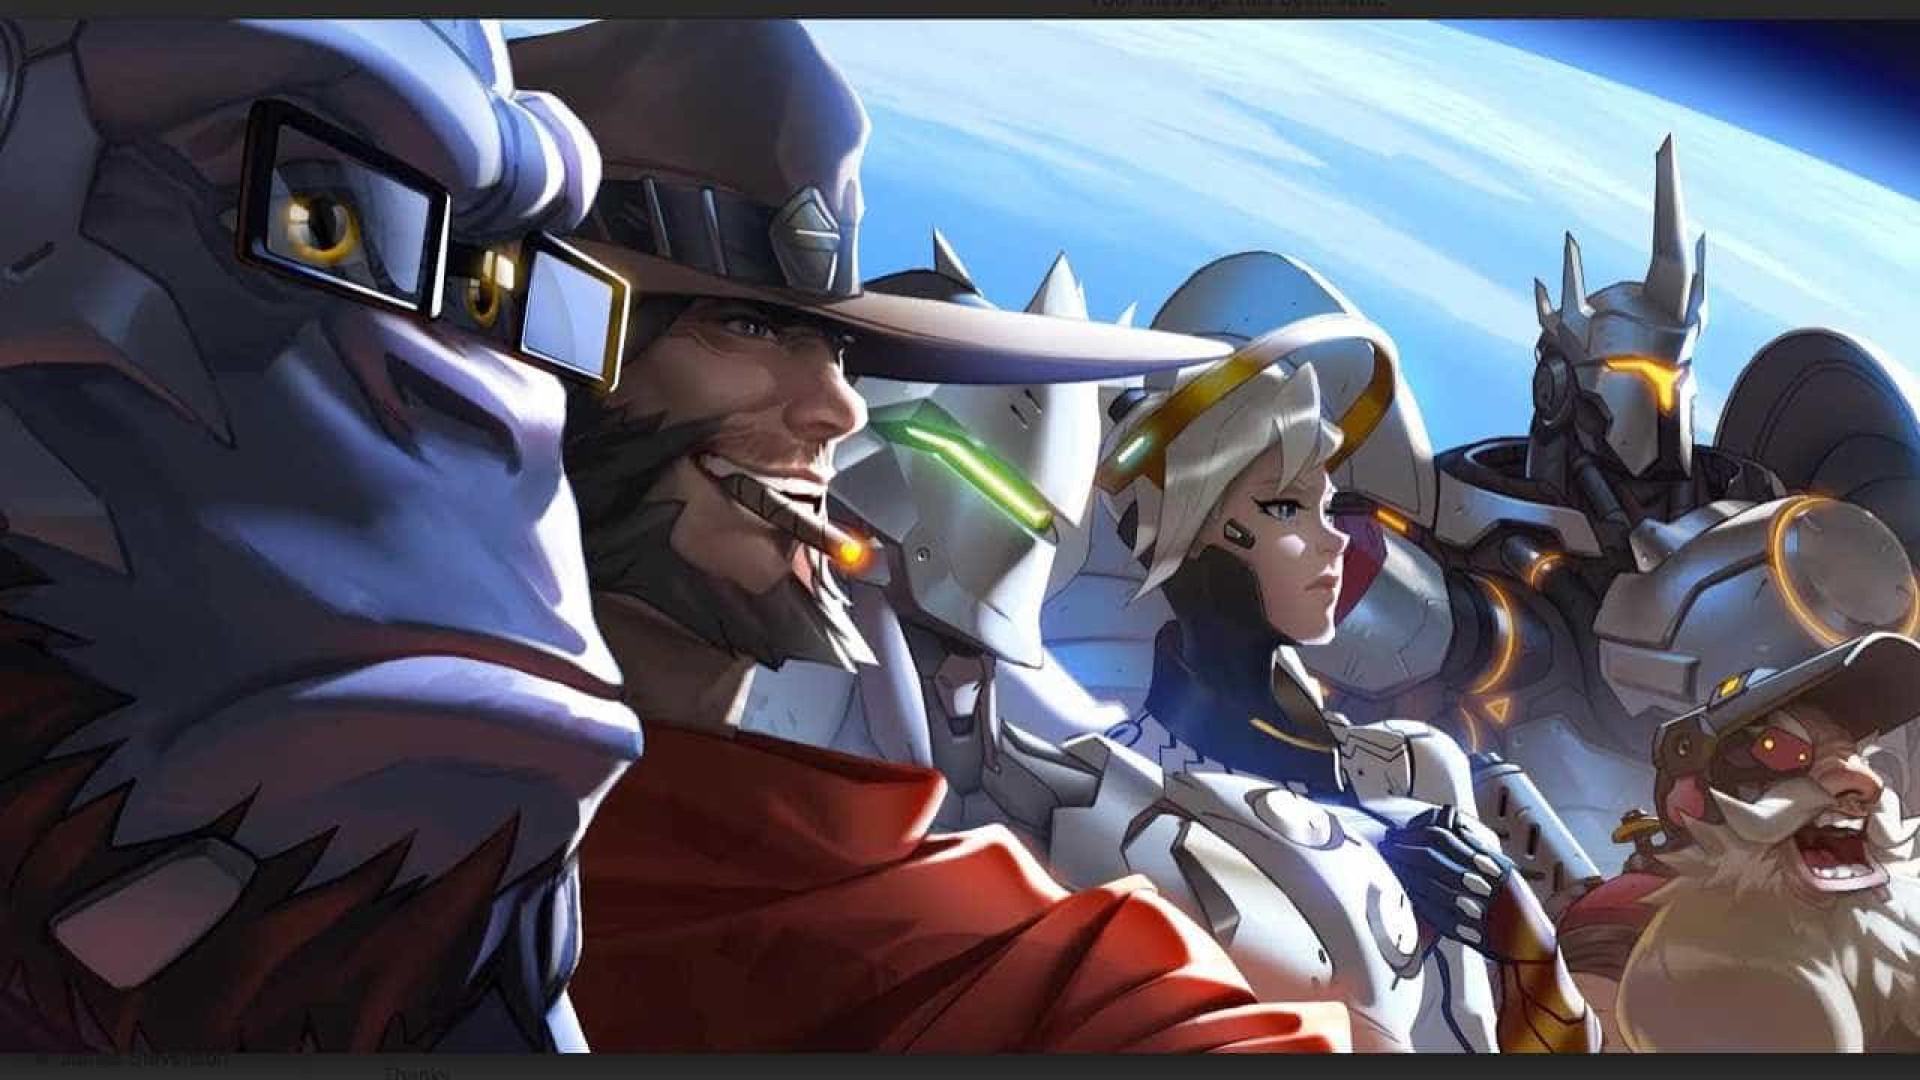 Os Jogos de Verão estão de volta a 'Overwatch'